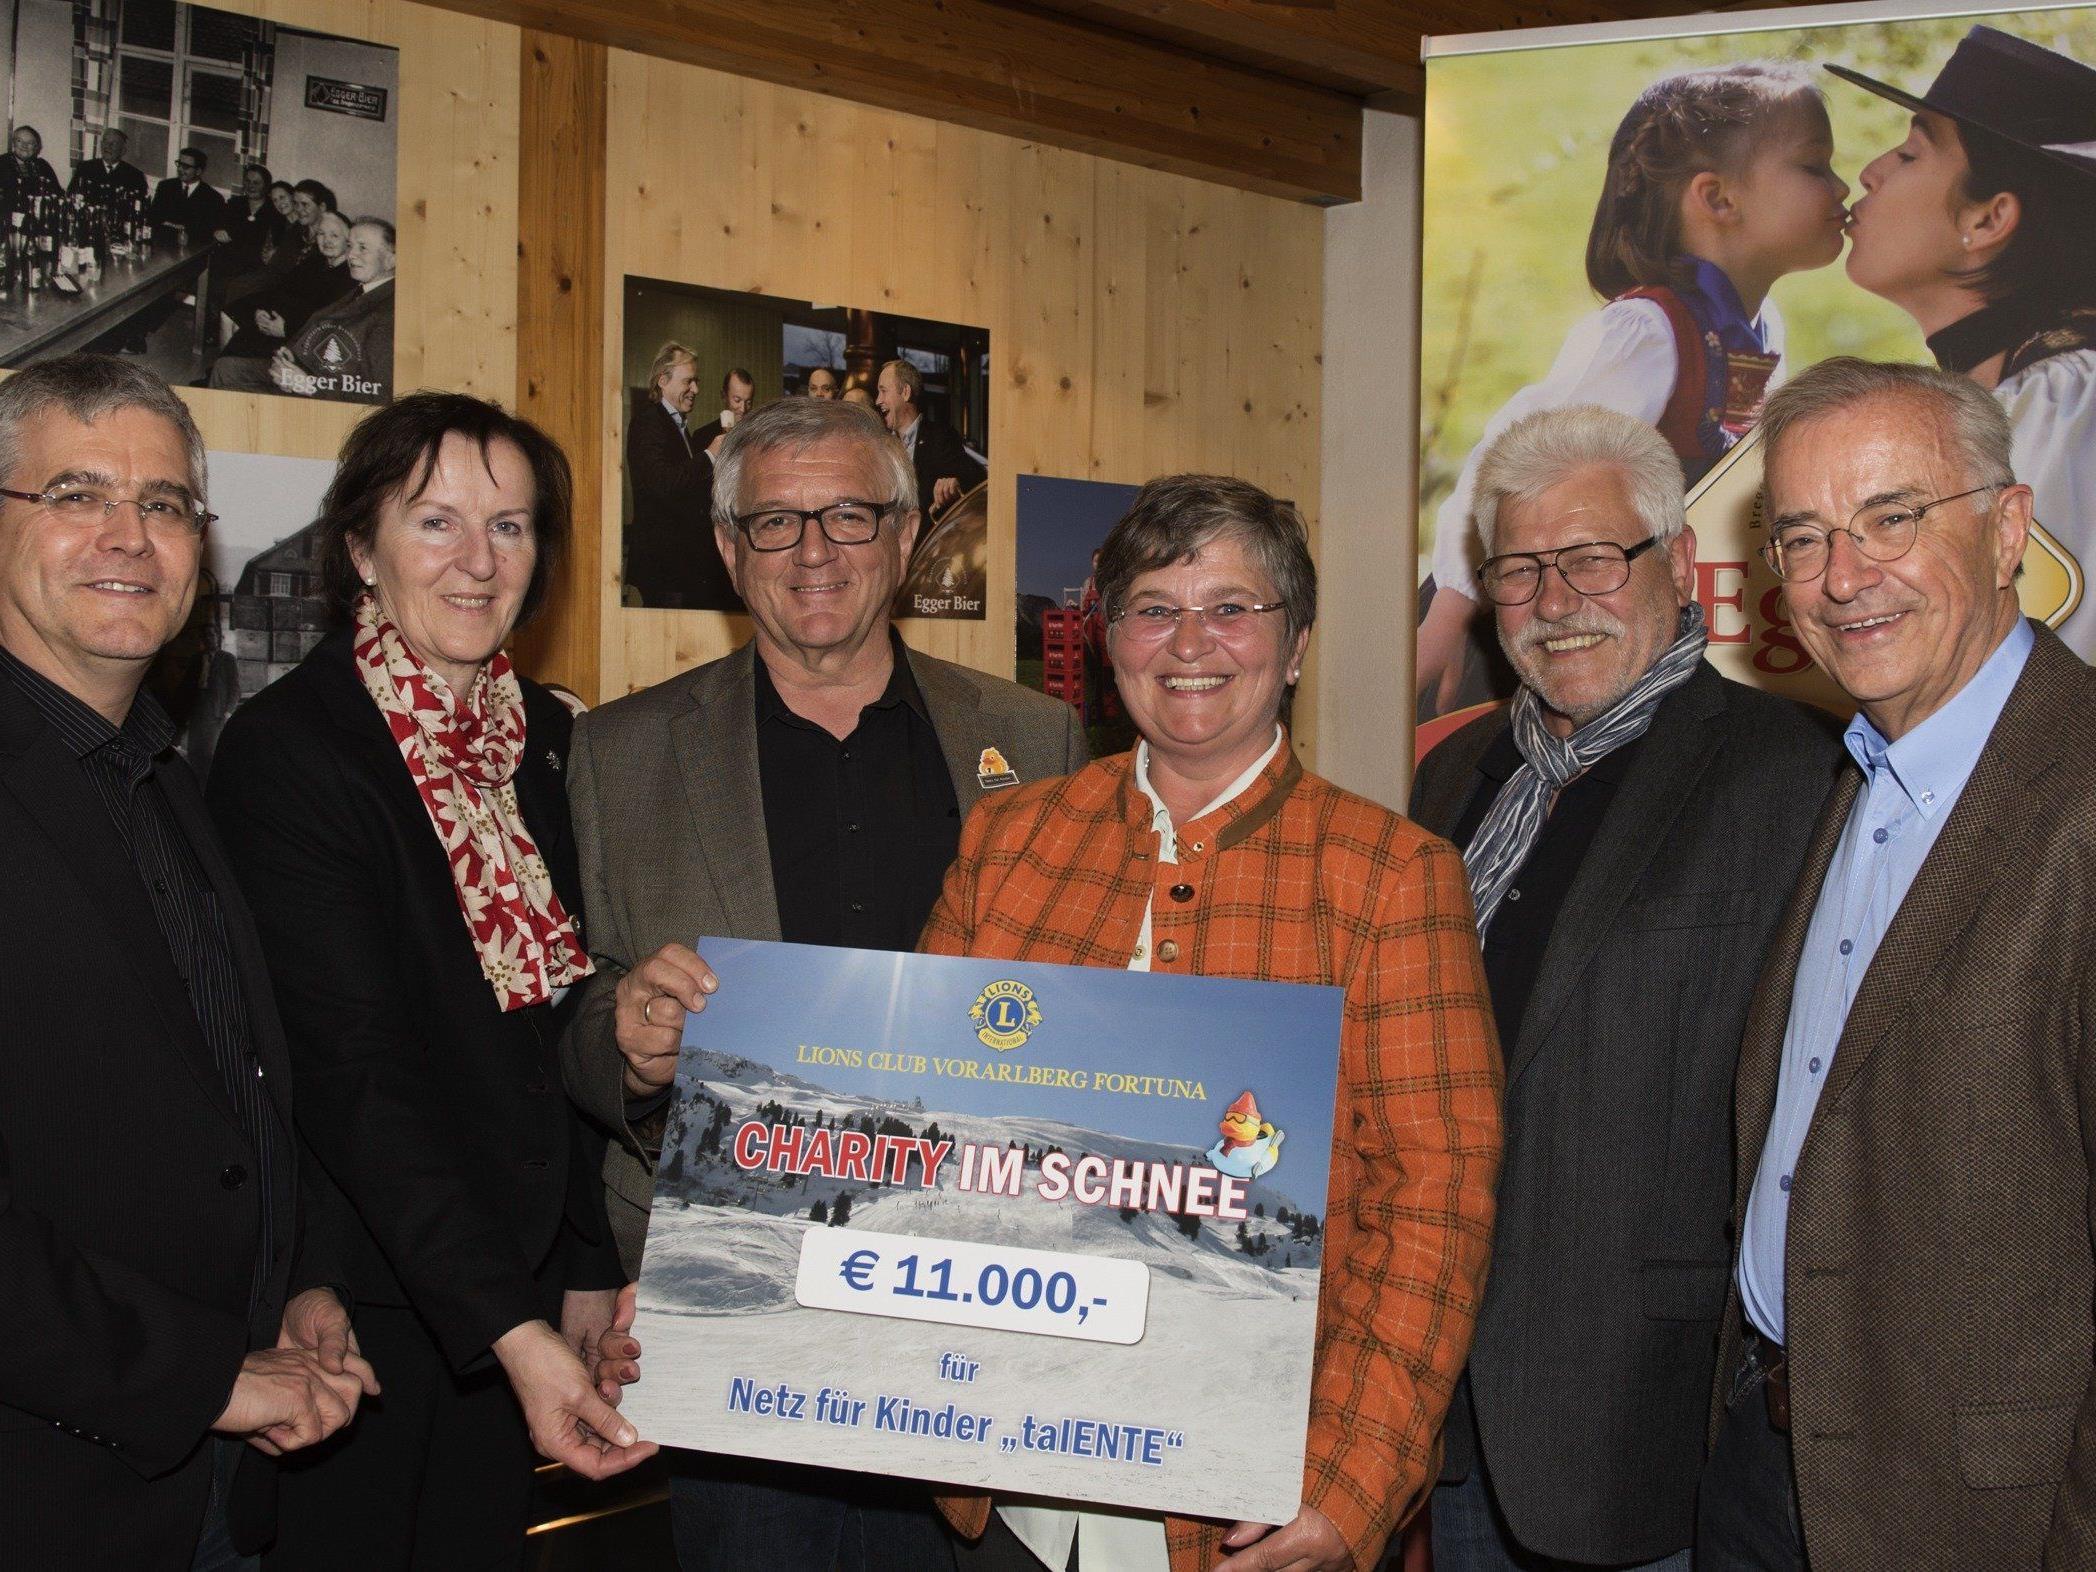 11.000 Euro für das talEnte-Haus vom Netz für Kinder - Egg | VOL.AT